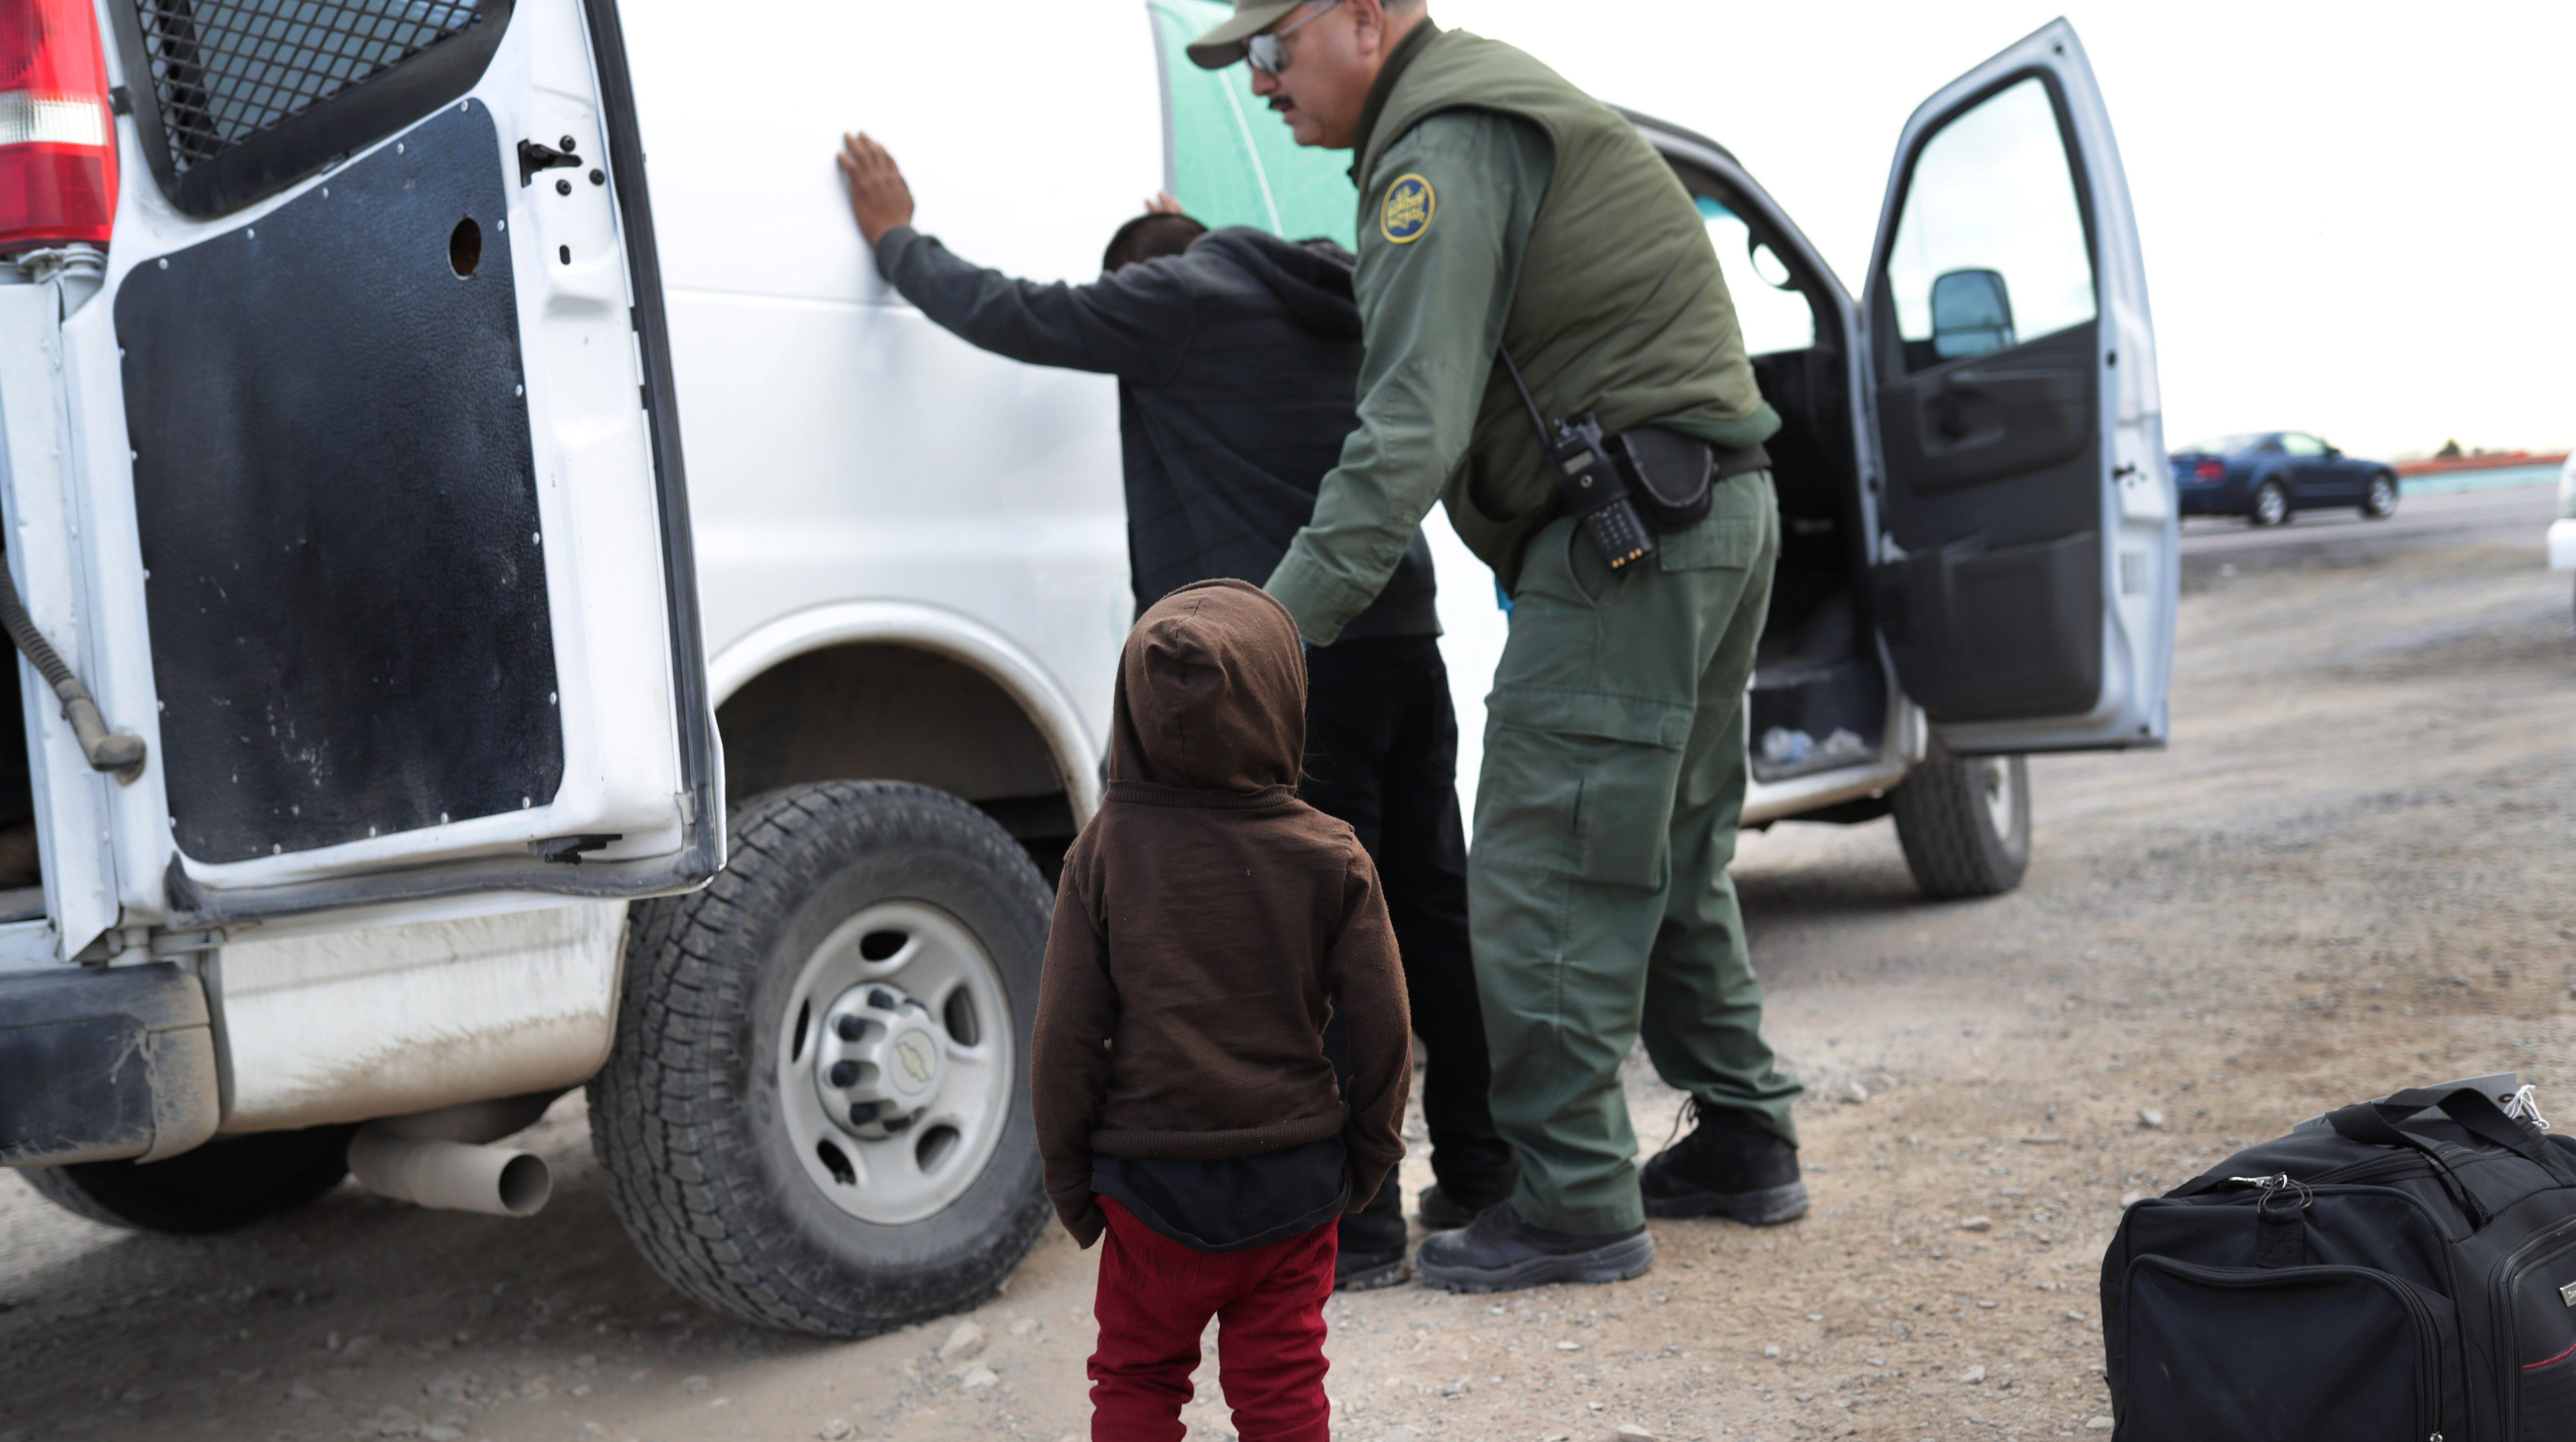 Un niño pequeño observa cómo un agente toma en custodia a su papá en El Paso, Texas.